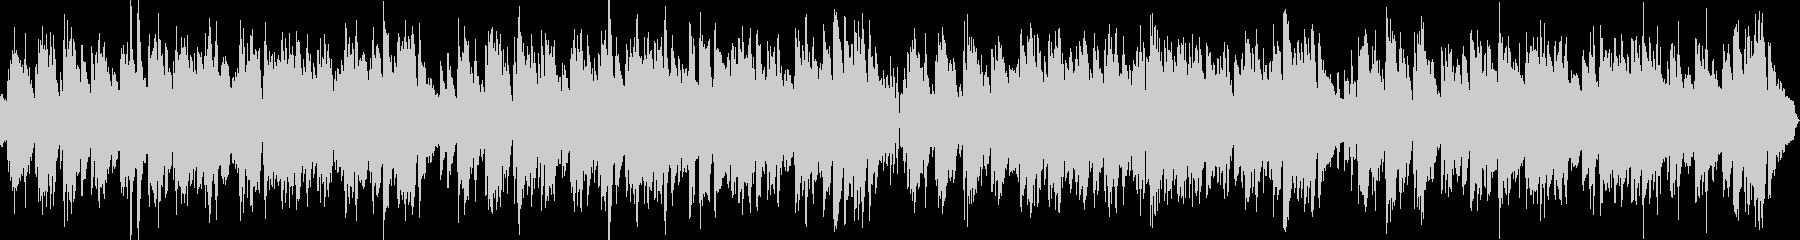 ループ2台のピアノ生演奏ハッピーブルースの未再生の波形